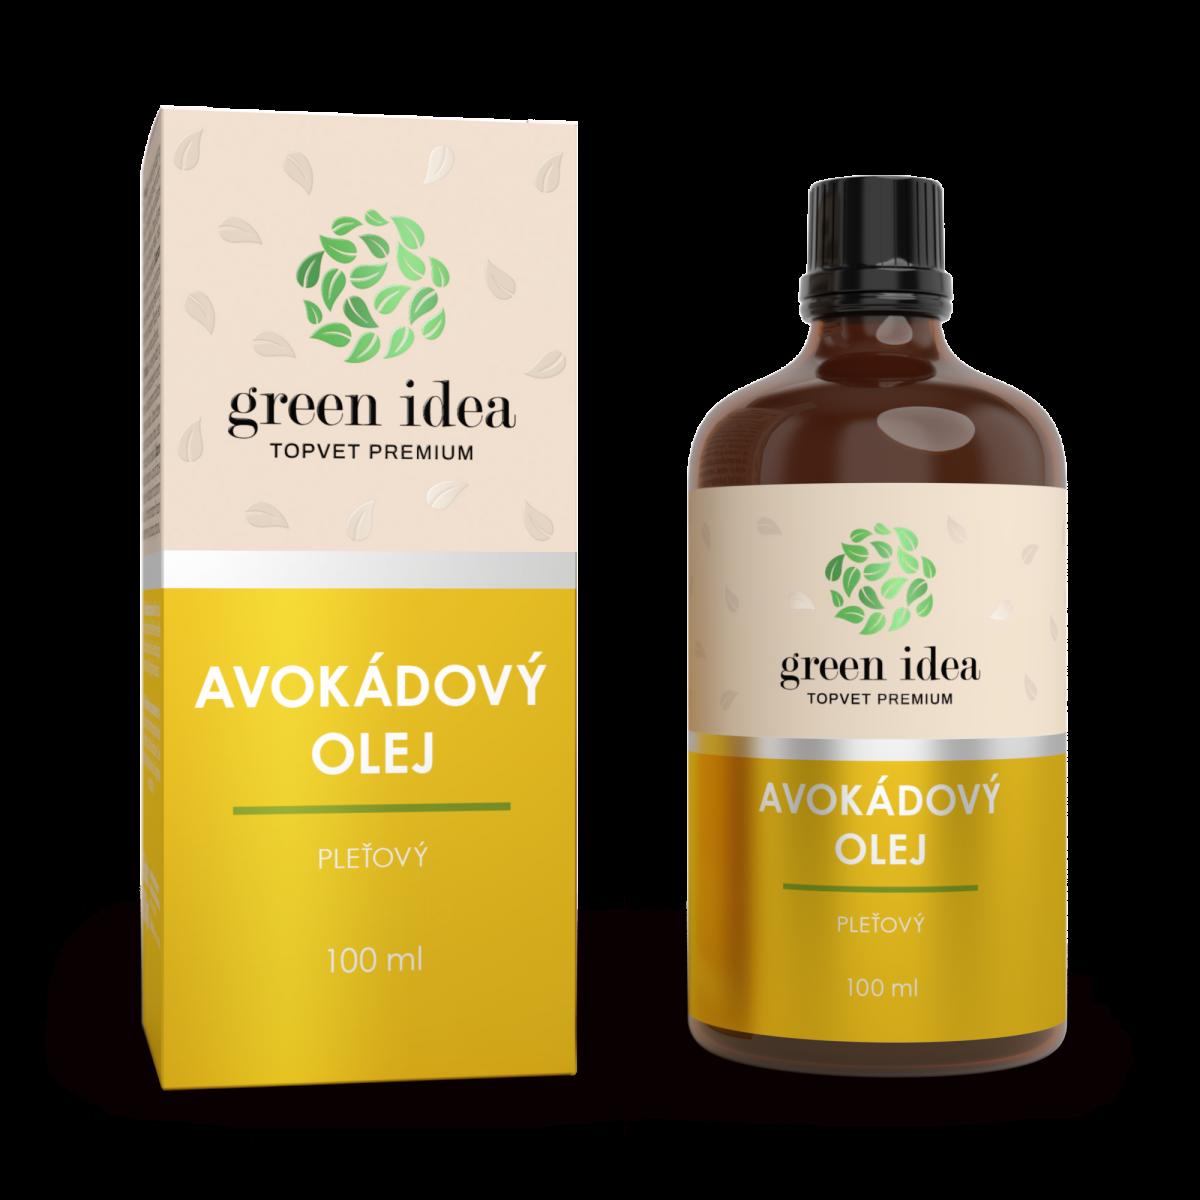 Avokádový pleťový olej